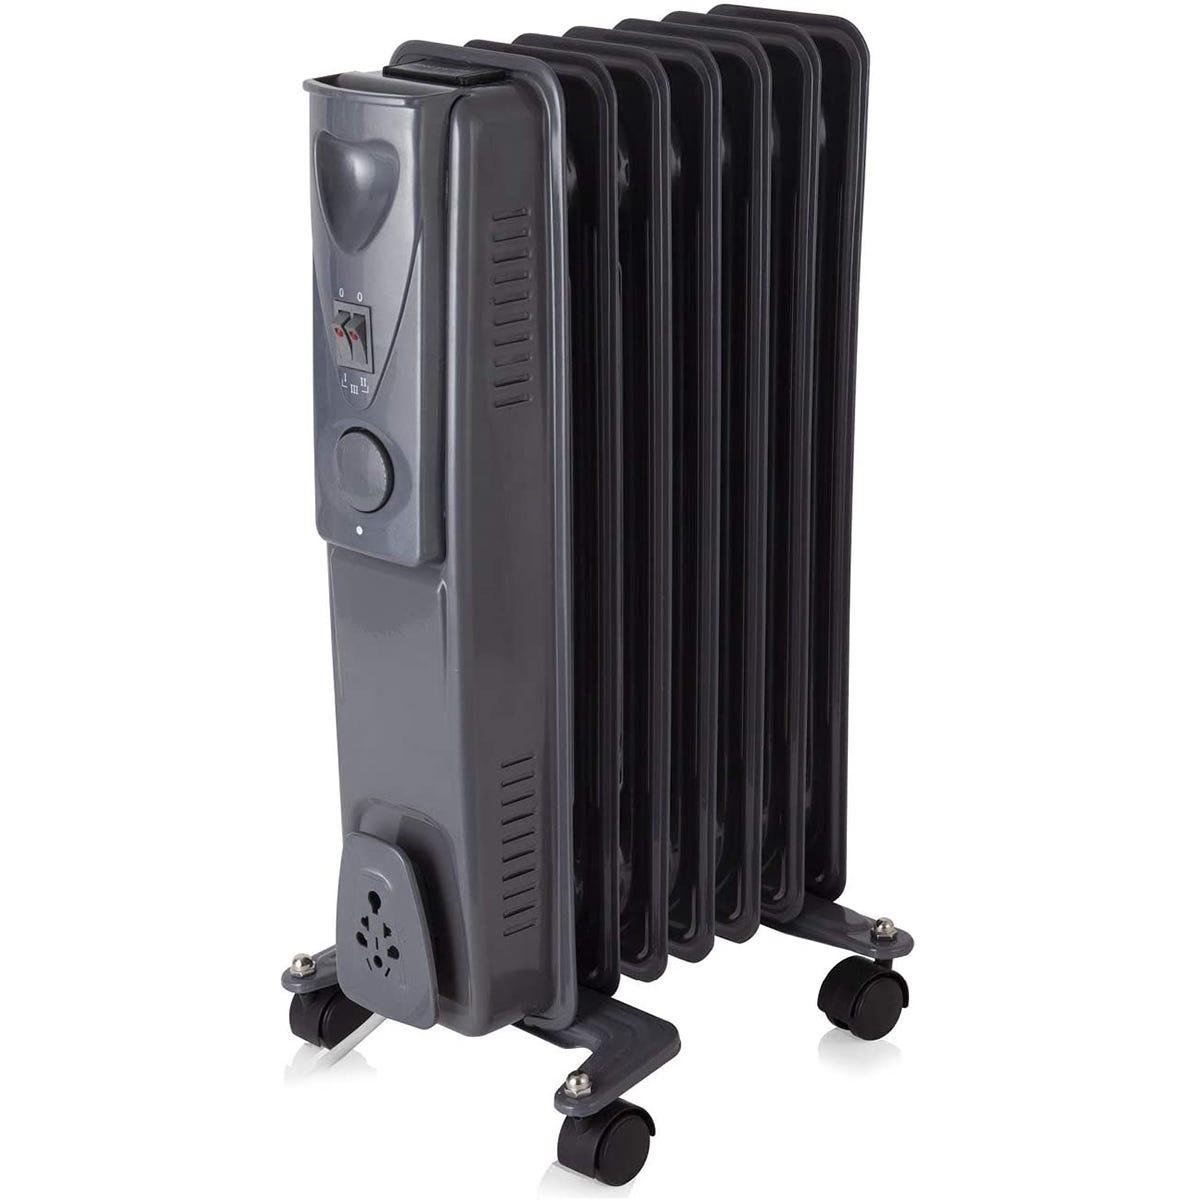 Warmlite WL43003YDT 1500W 7 Fin Oil Filled Radiator - Dark Titanium